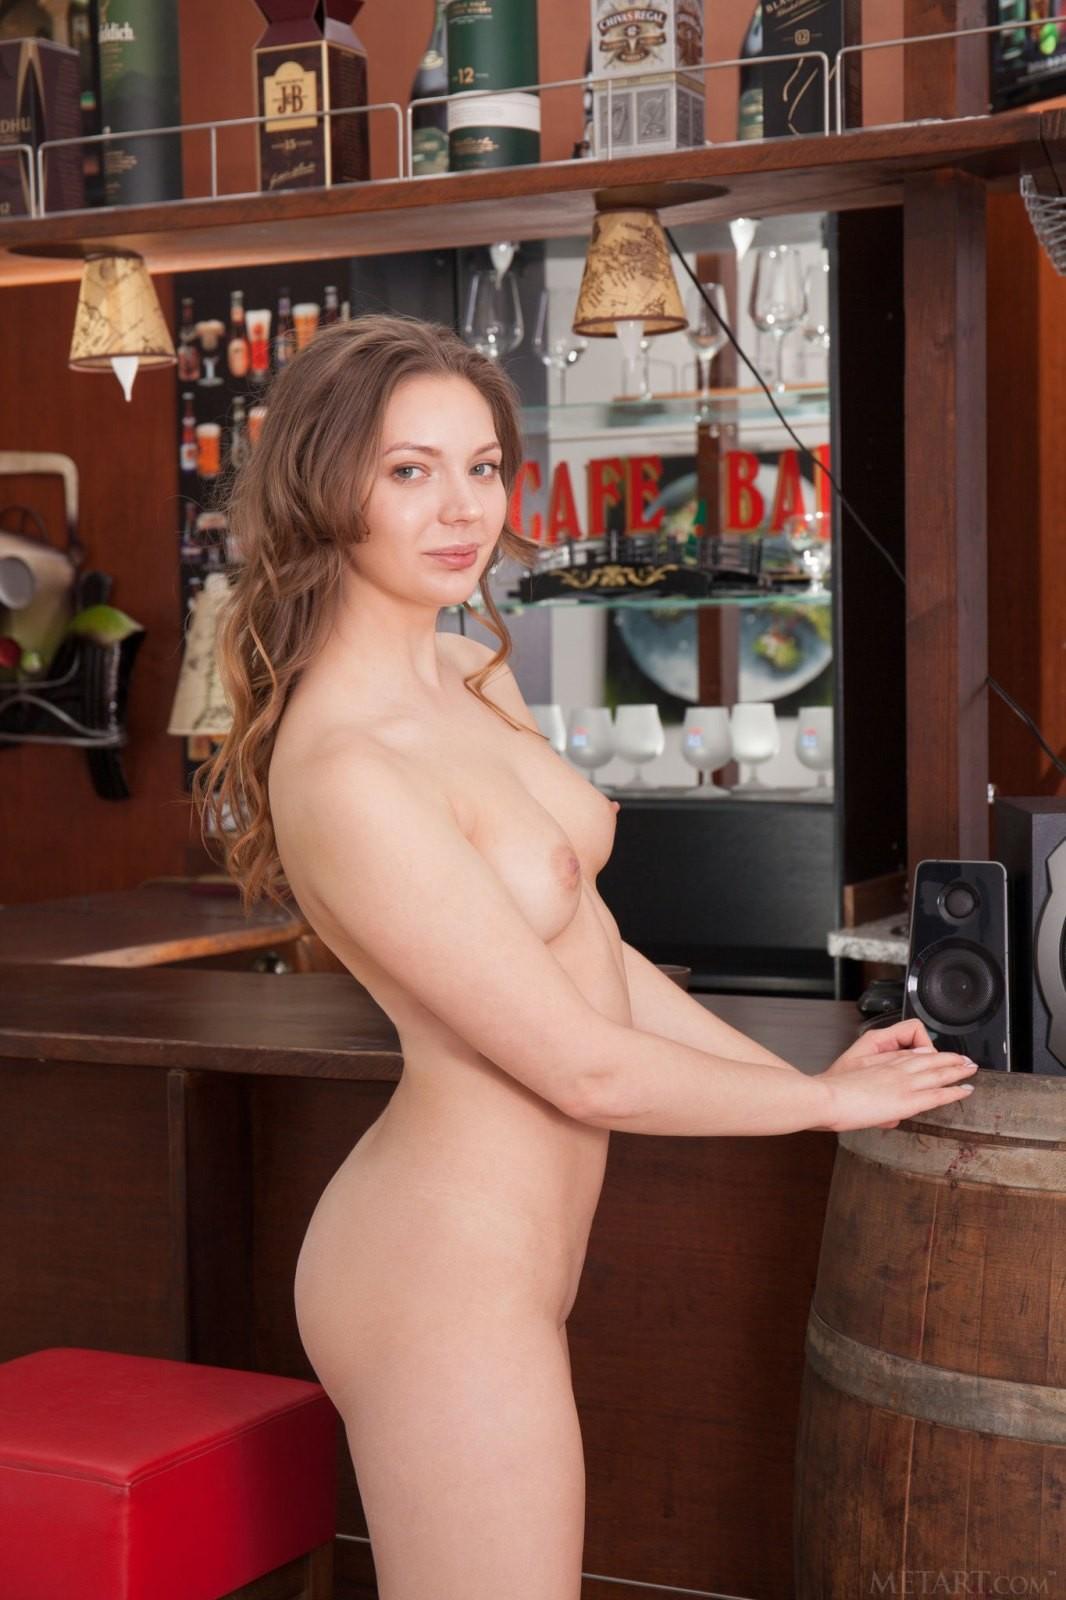 Голая потаскушка в частном баре - фото